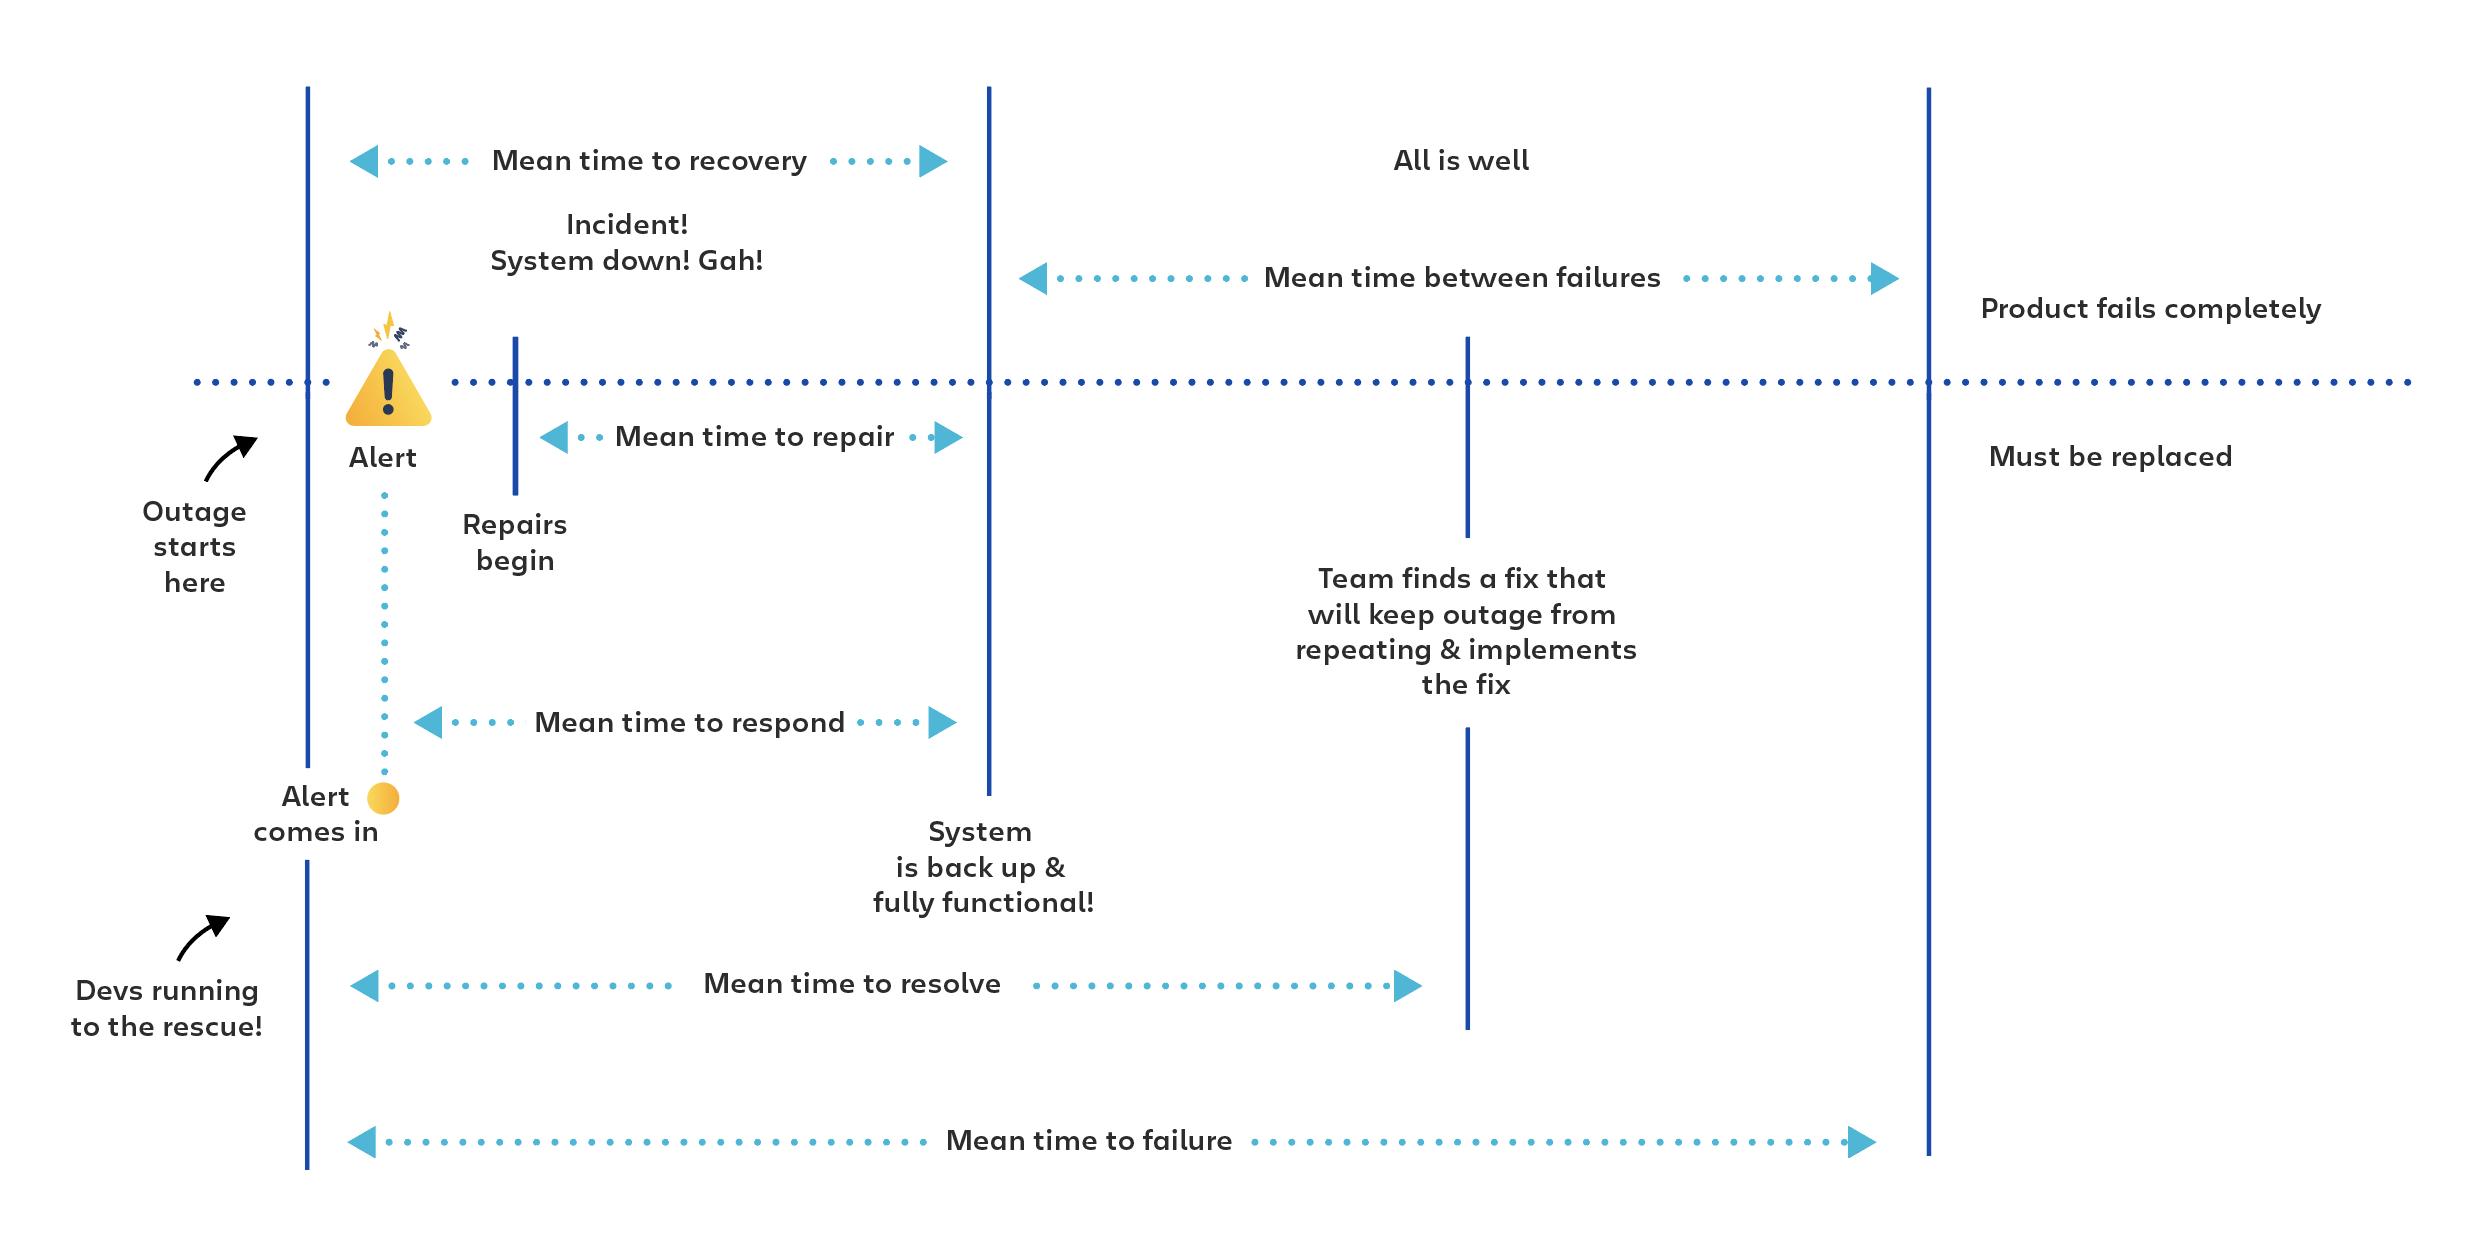 Ilustración que muestra cómo el uso conjunto de las métricas MTBF, MTTR, MTTA y MTTF puede mejorar la gestión de incidentes